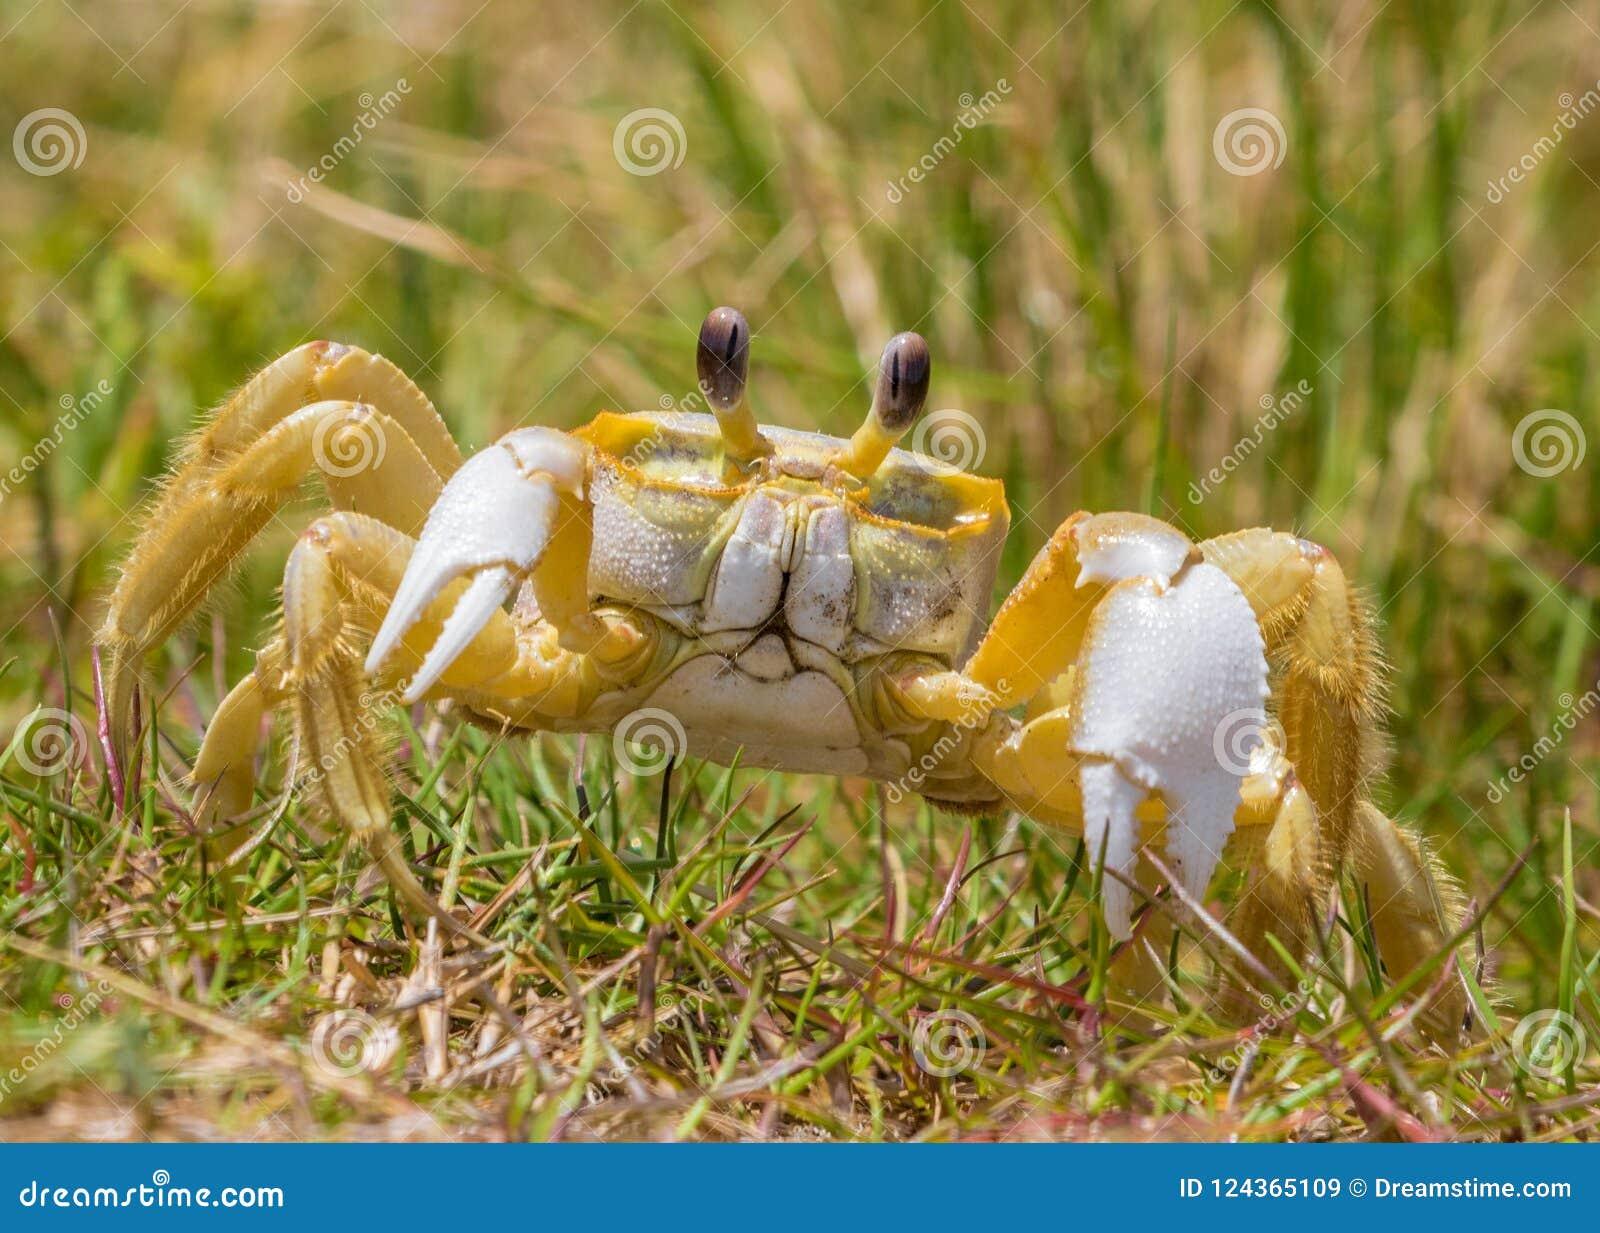 Atlantic Ghost Crab